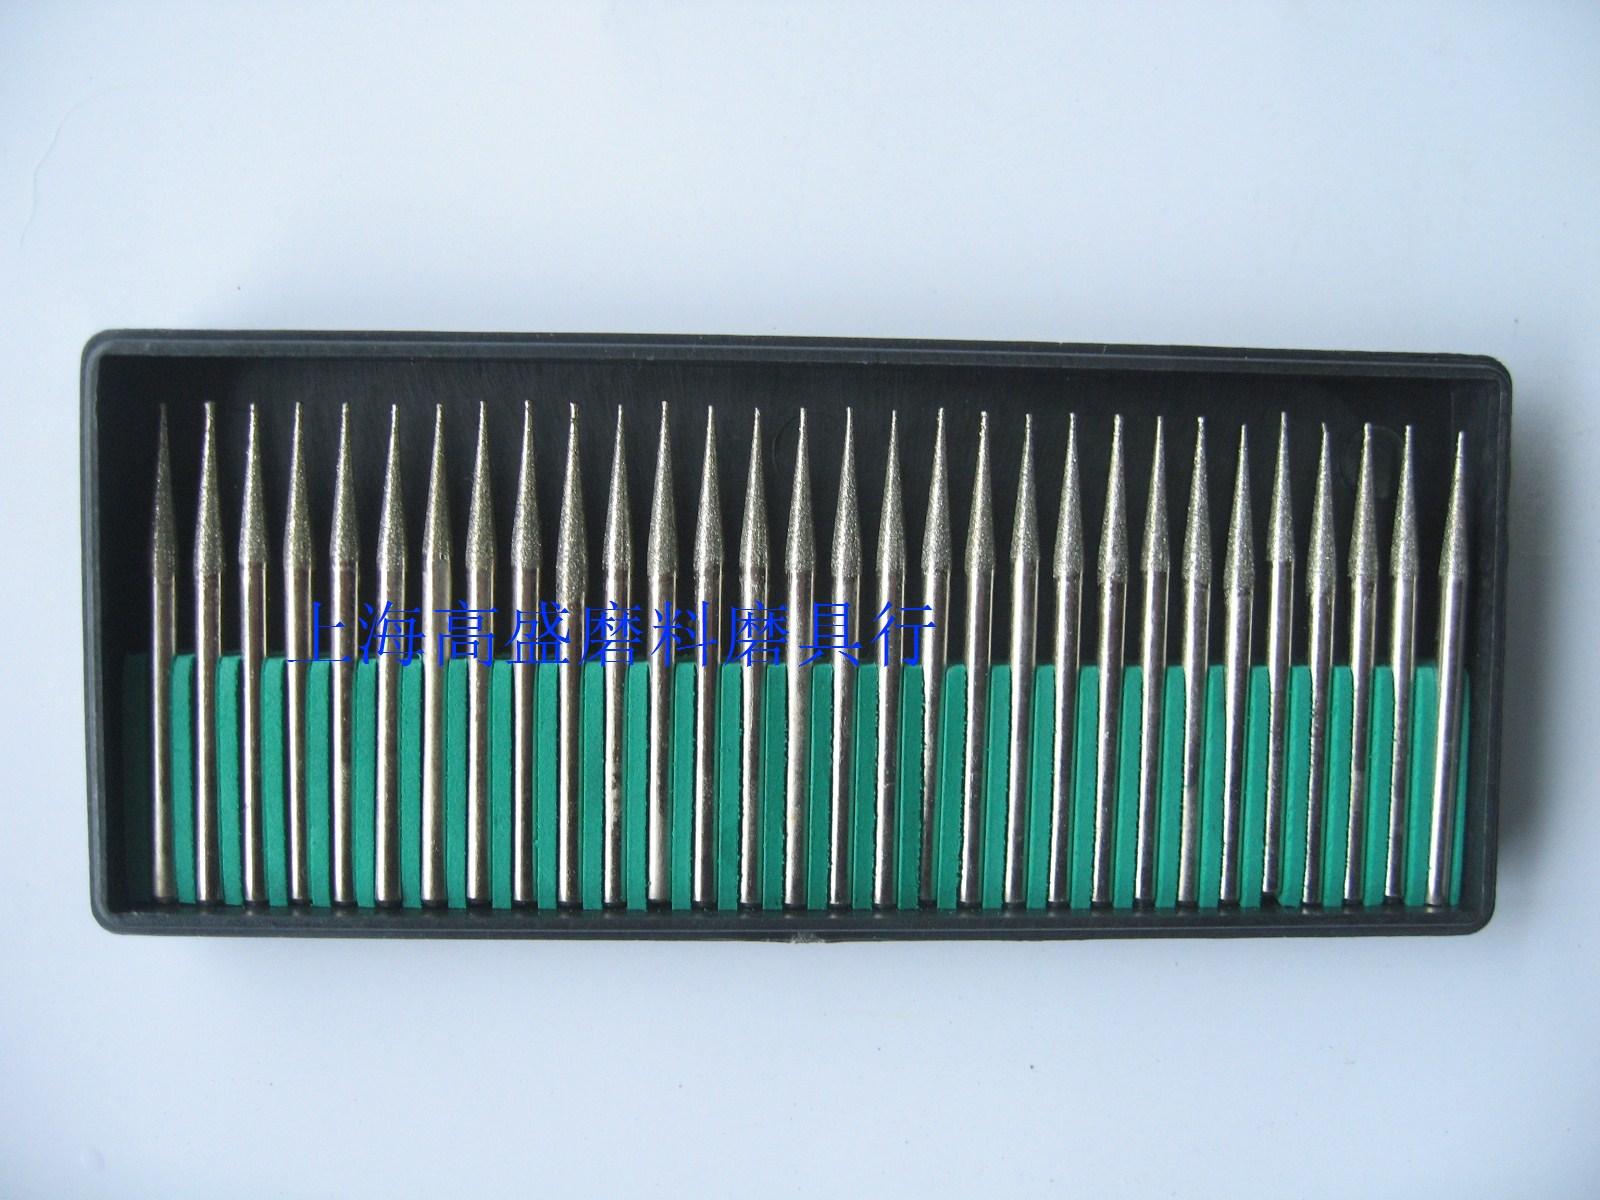 金刚石磨头 磨针 镀砂磨棒 玉石雕刻磨头 尖型3*3mm一合30支起卖